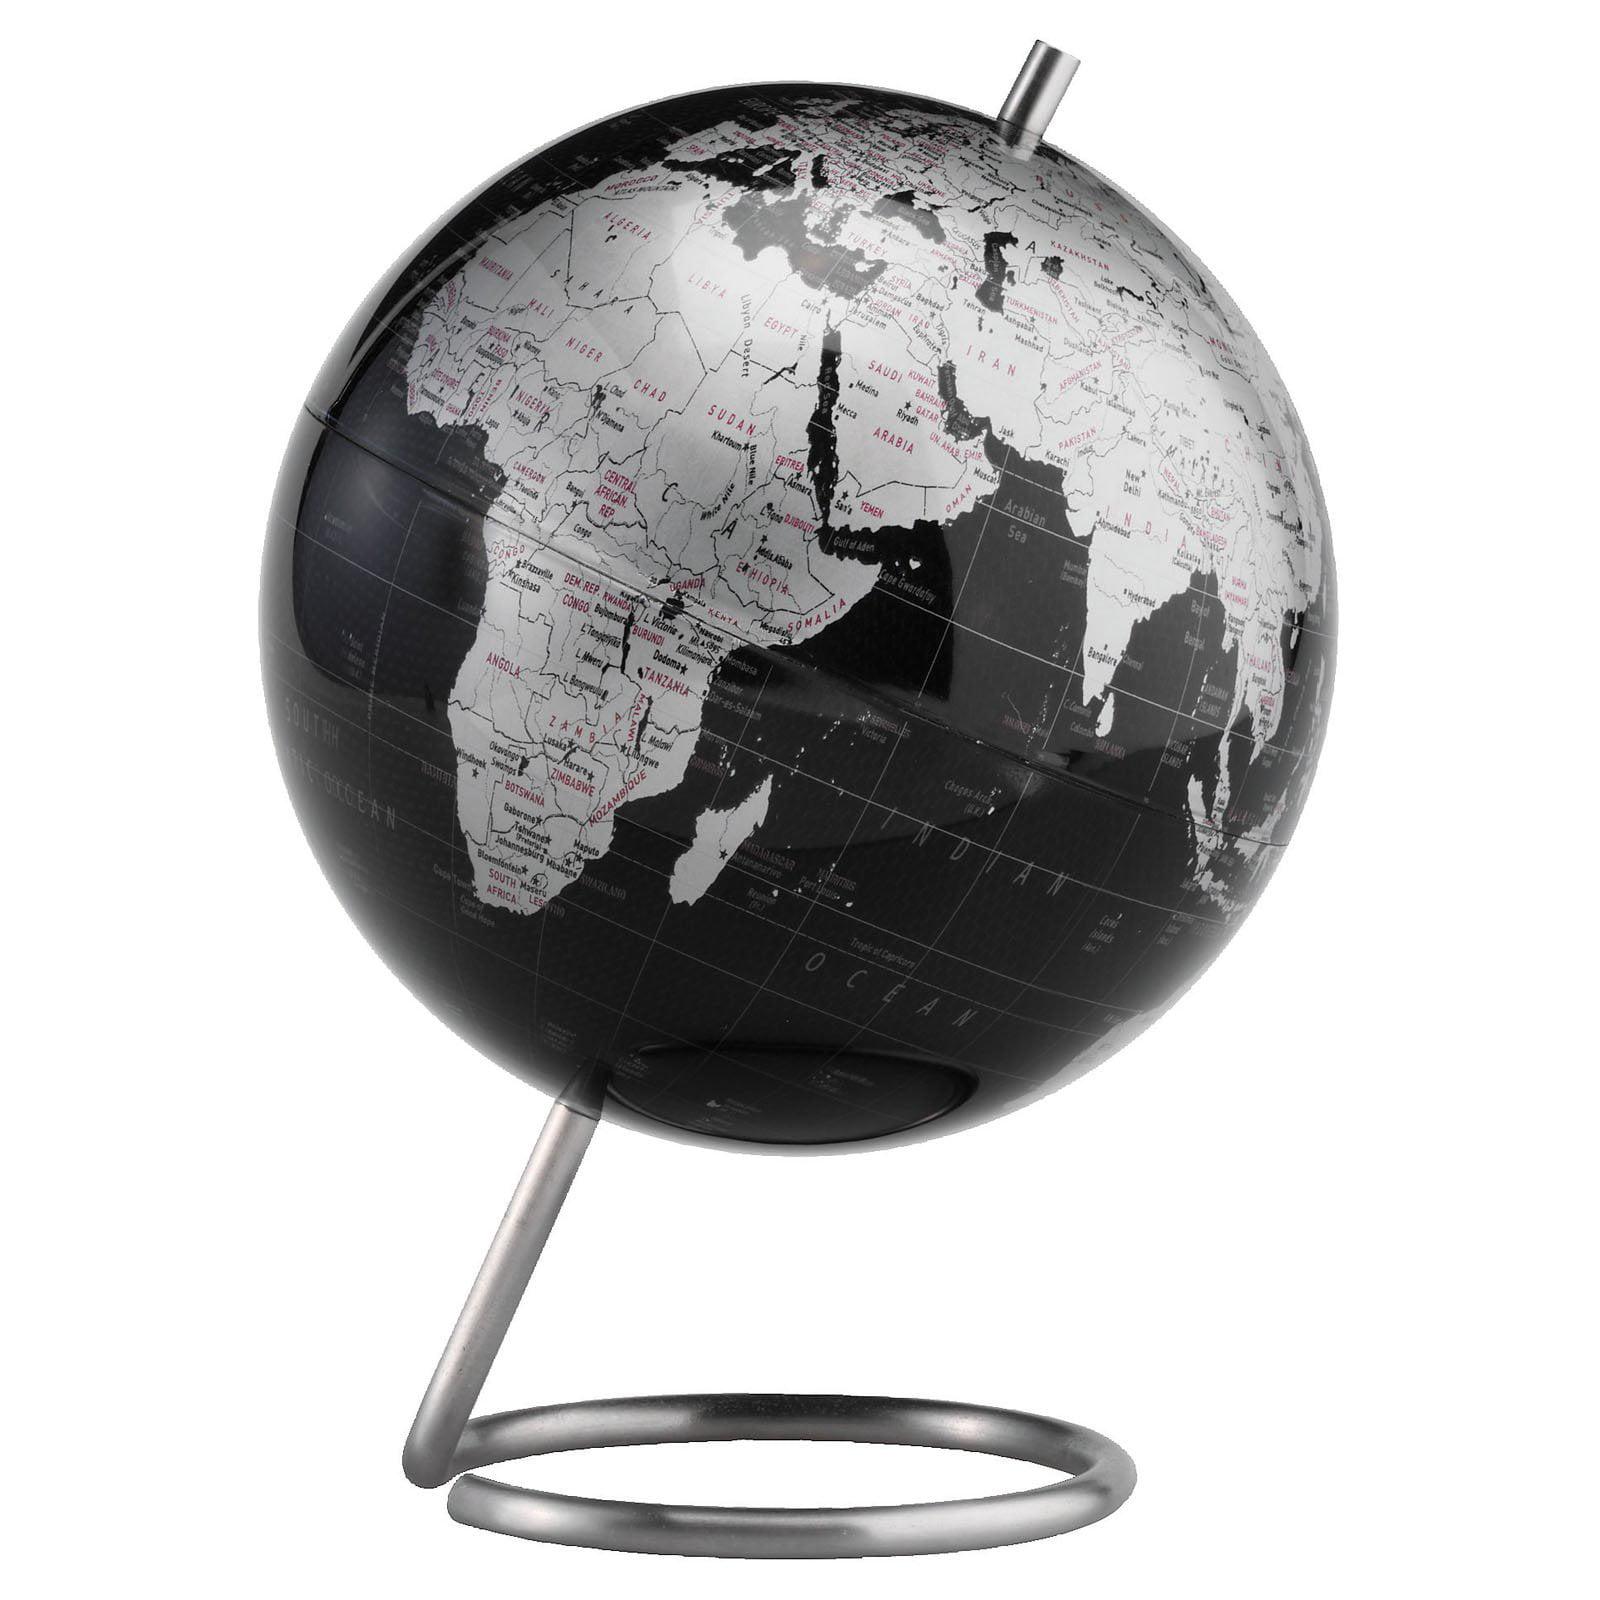 Replogle Spectrum 6 in. Desktop Globe